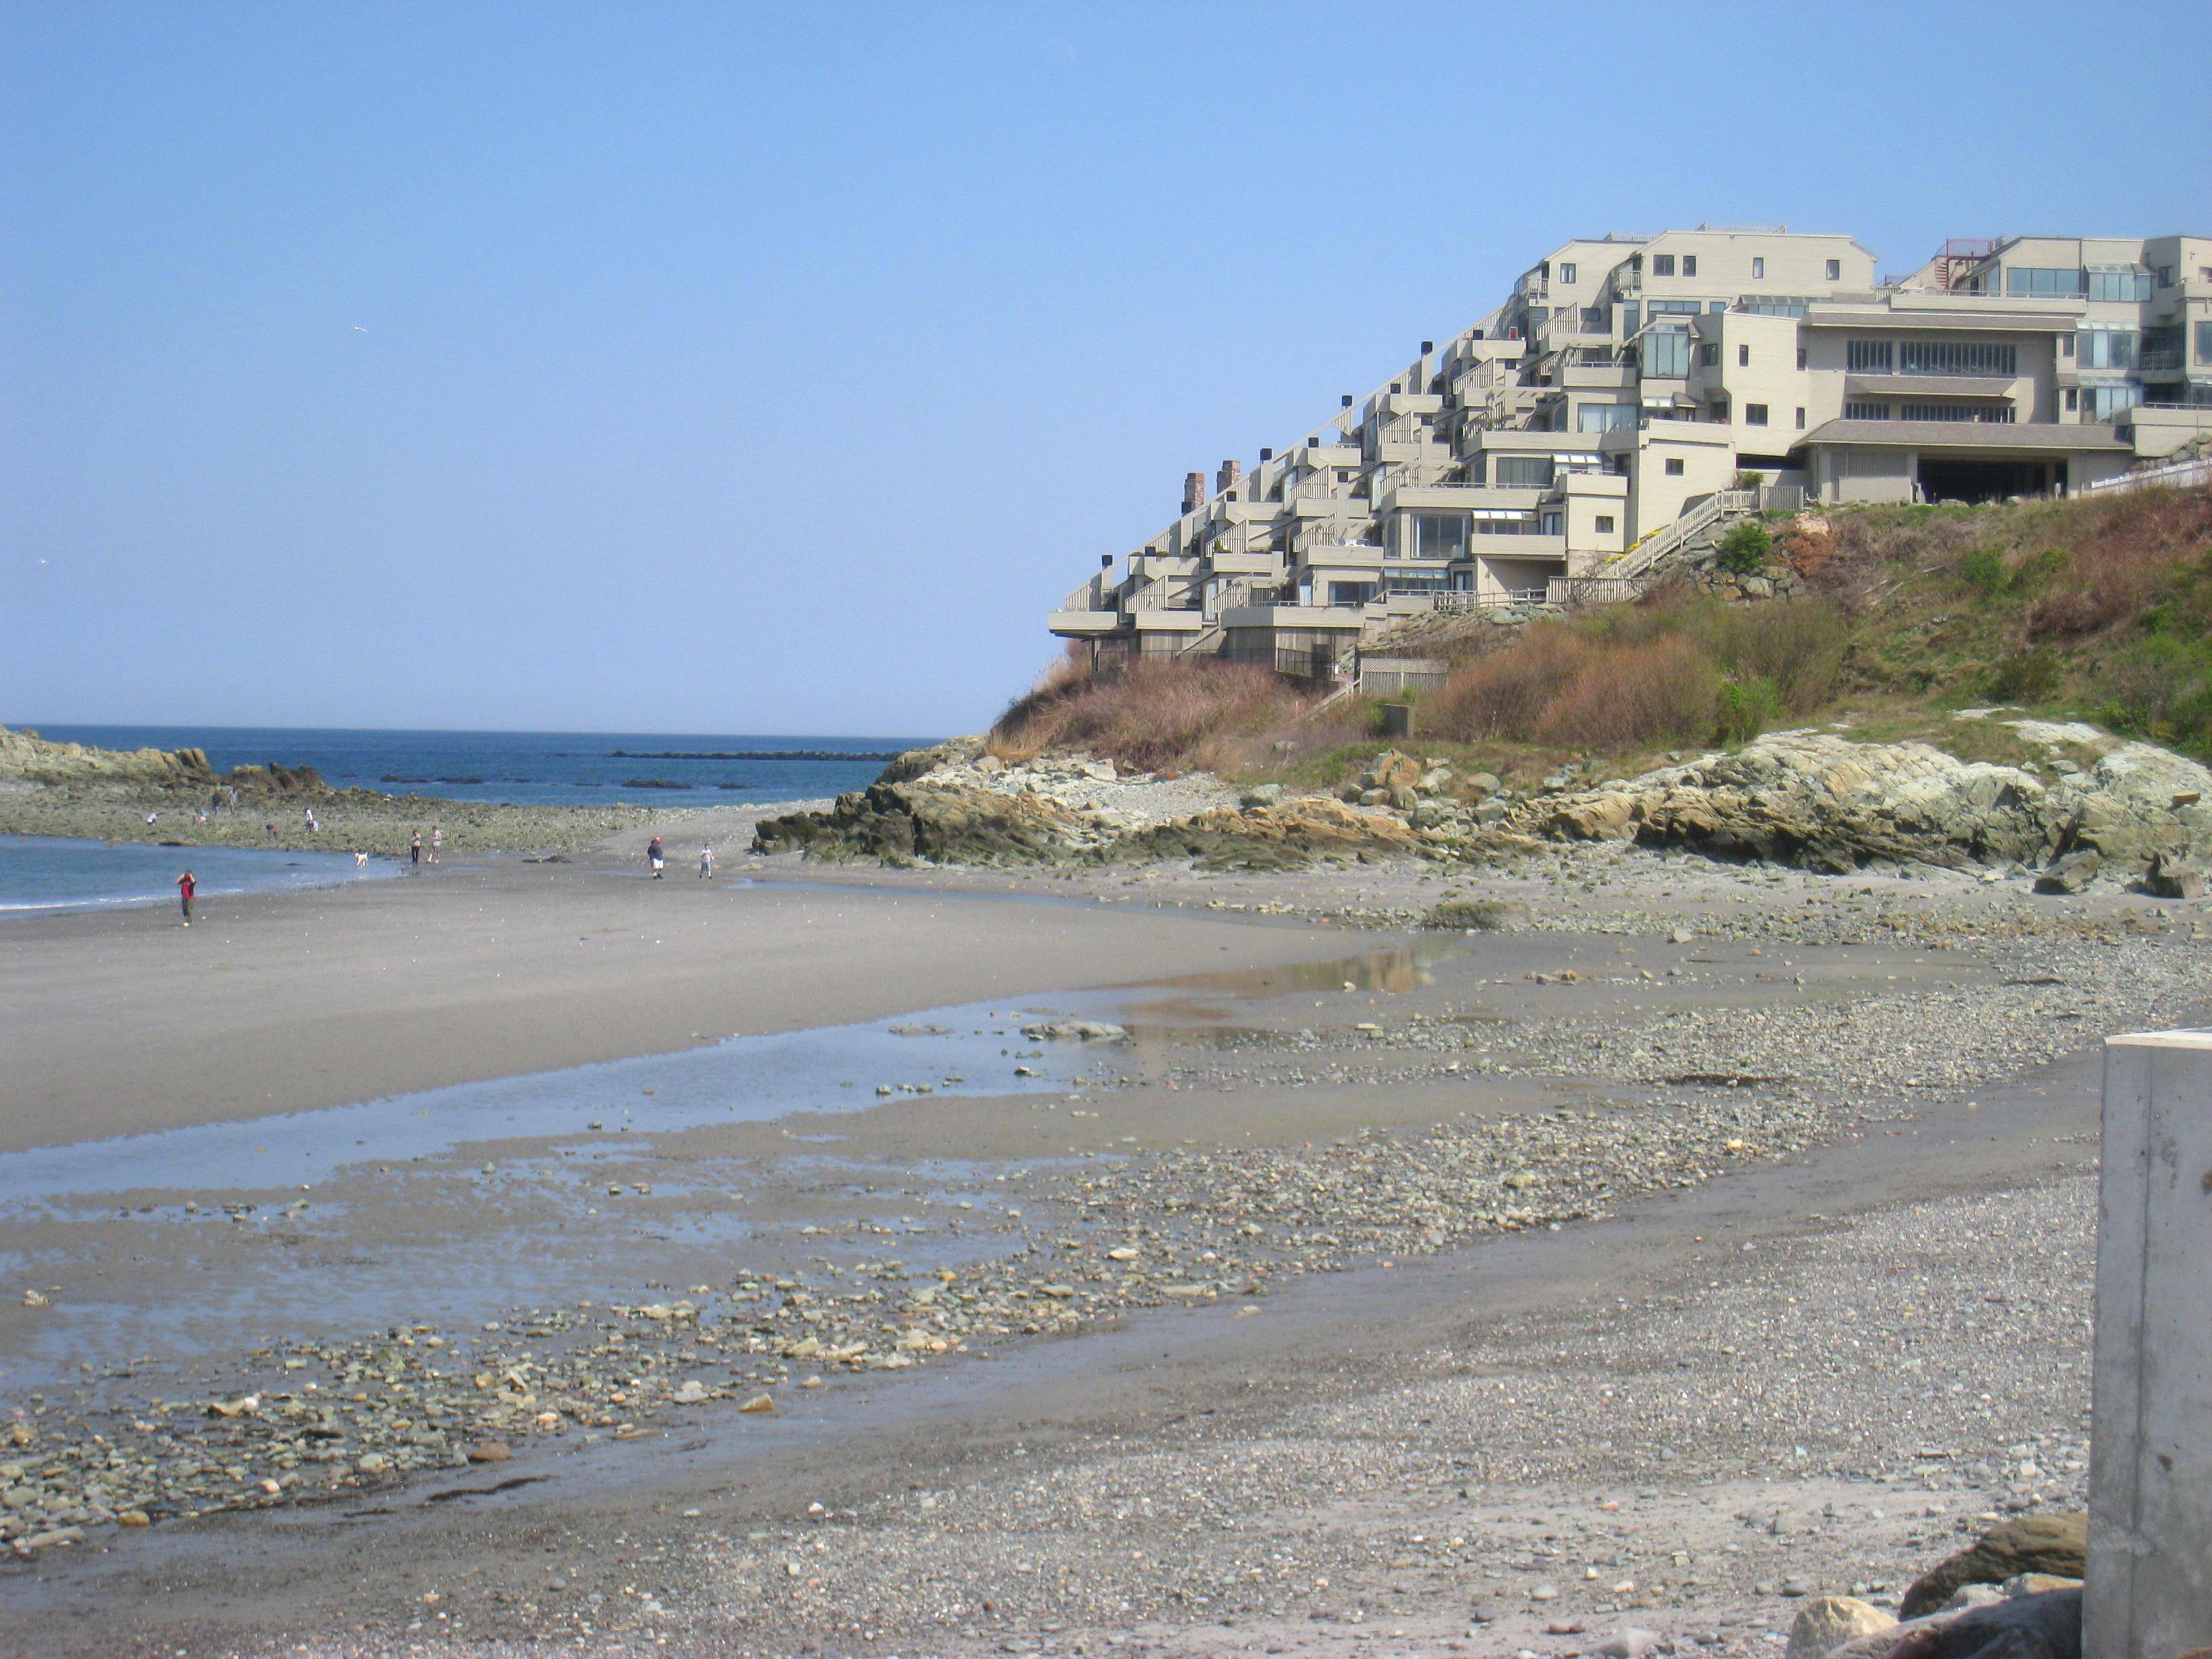 File Nantasket Beach Hull Ma Img 6311 Jpg Wikimedia Commons